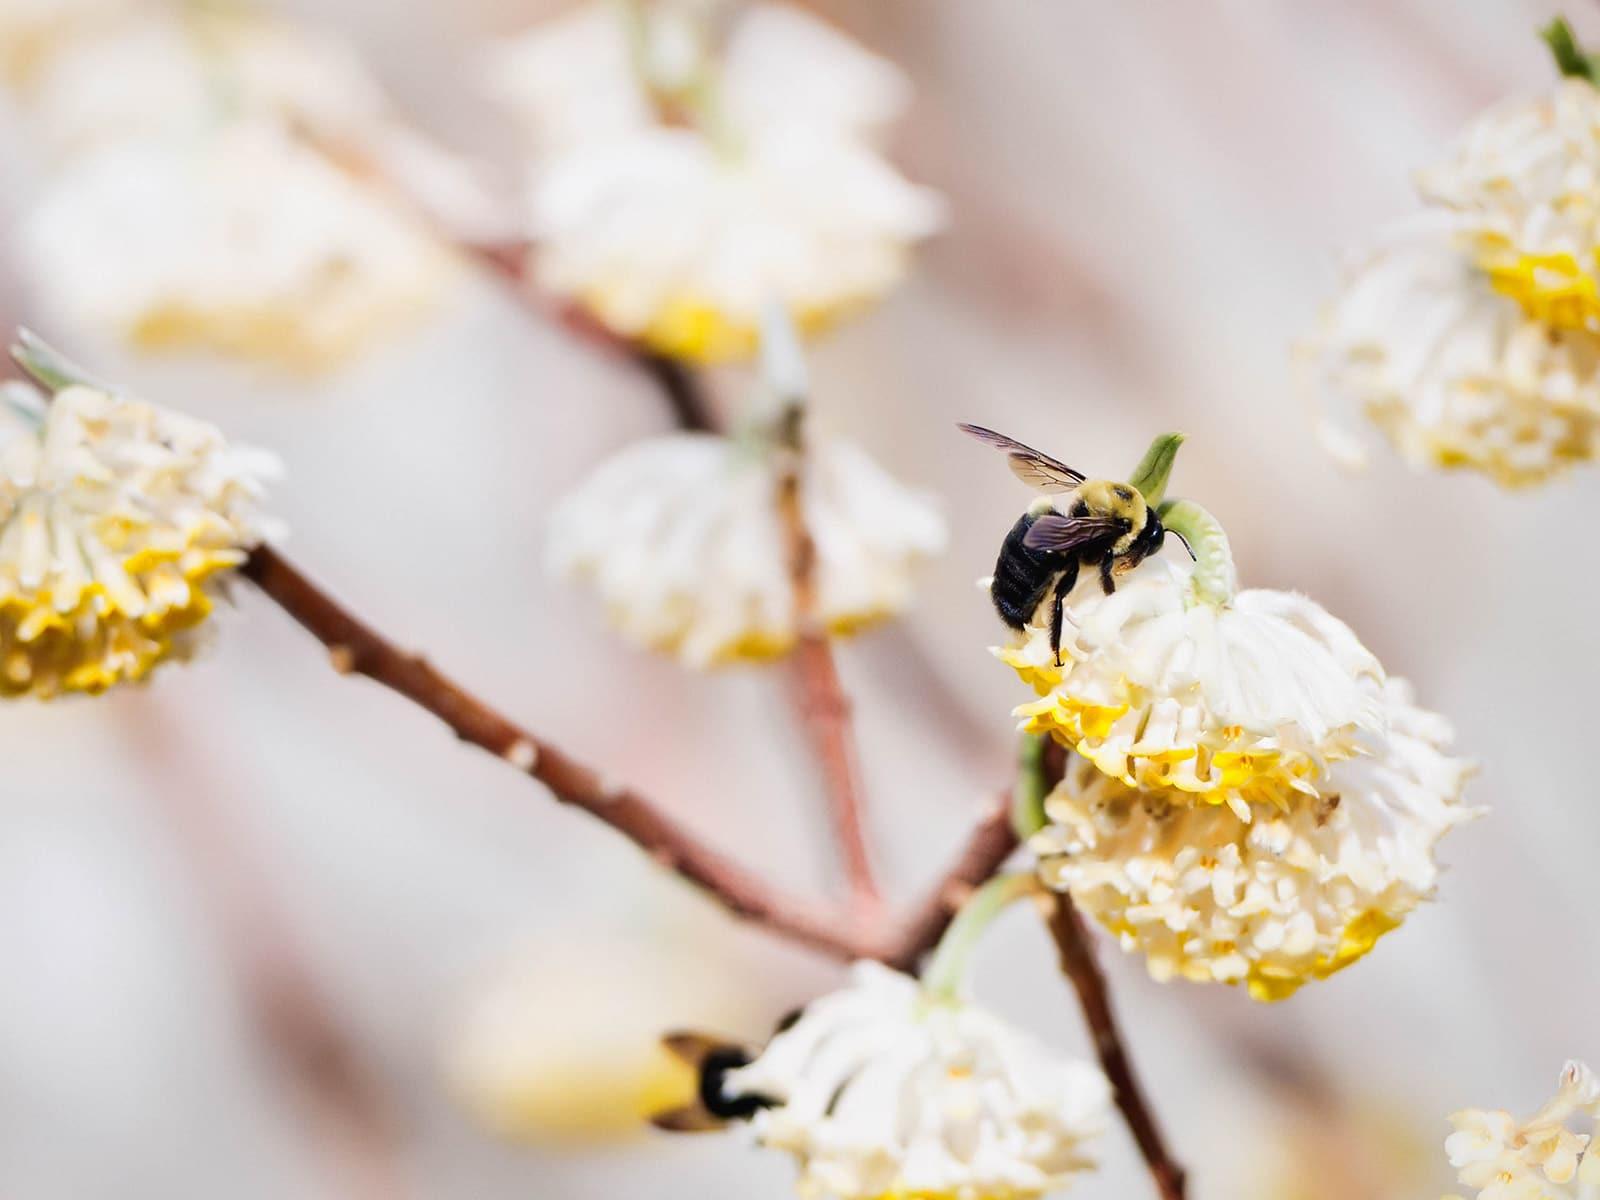 Carpenter bee feeding on nectar from white flowers